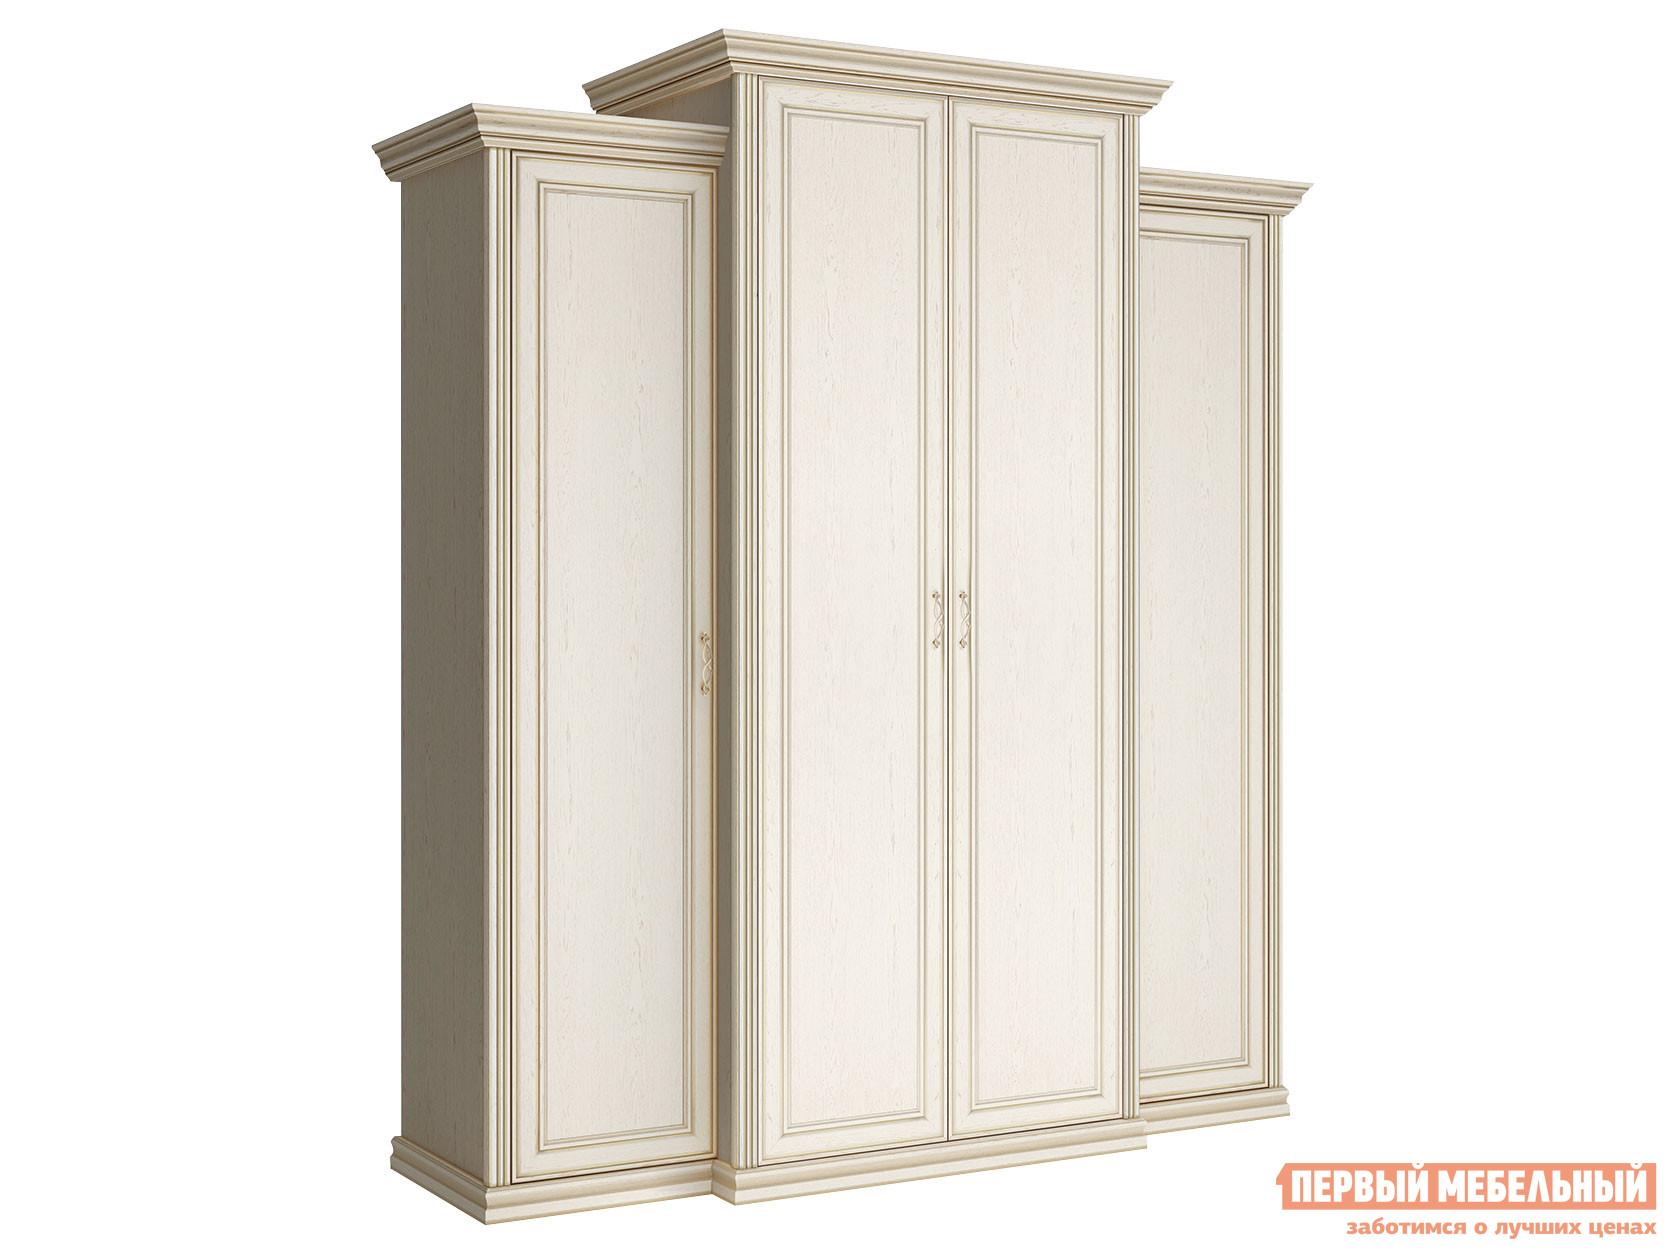 Распашной шкаф Первый Мебельный Шкаф 4-х дверный с пеналами глухой Венето недорого